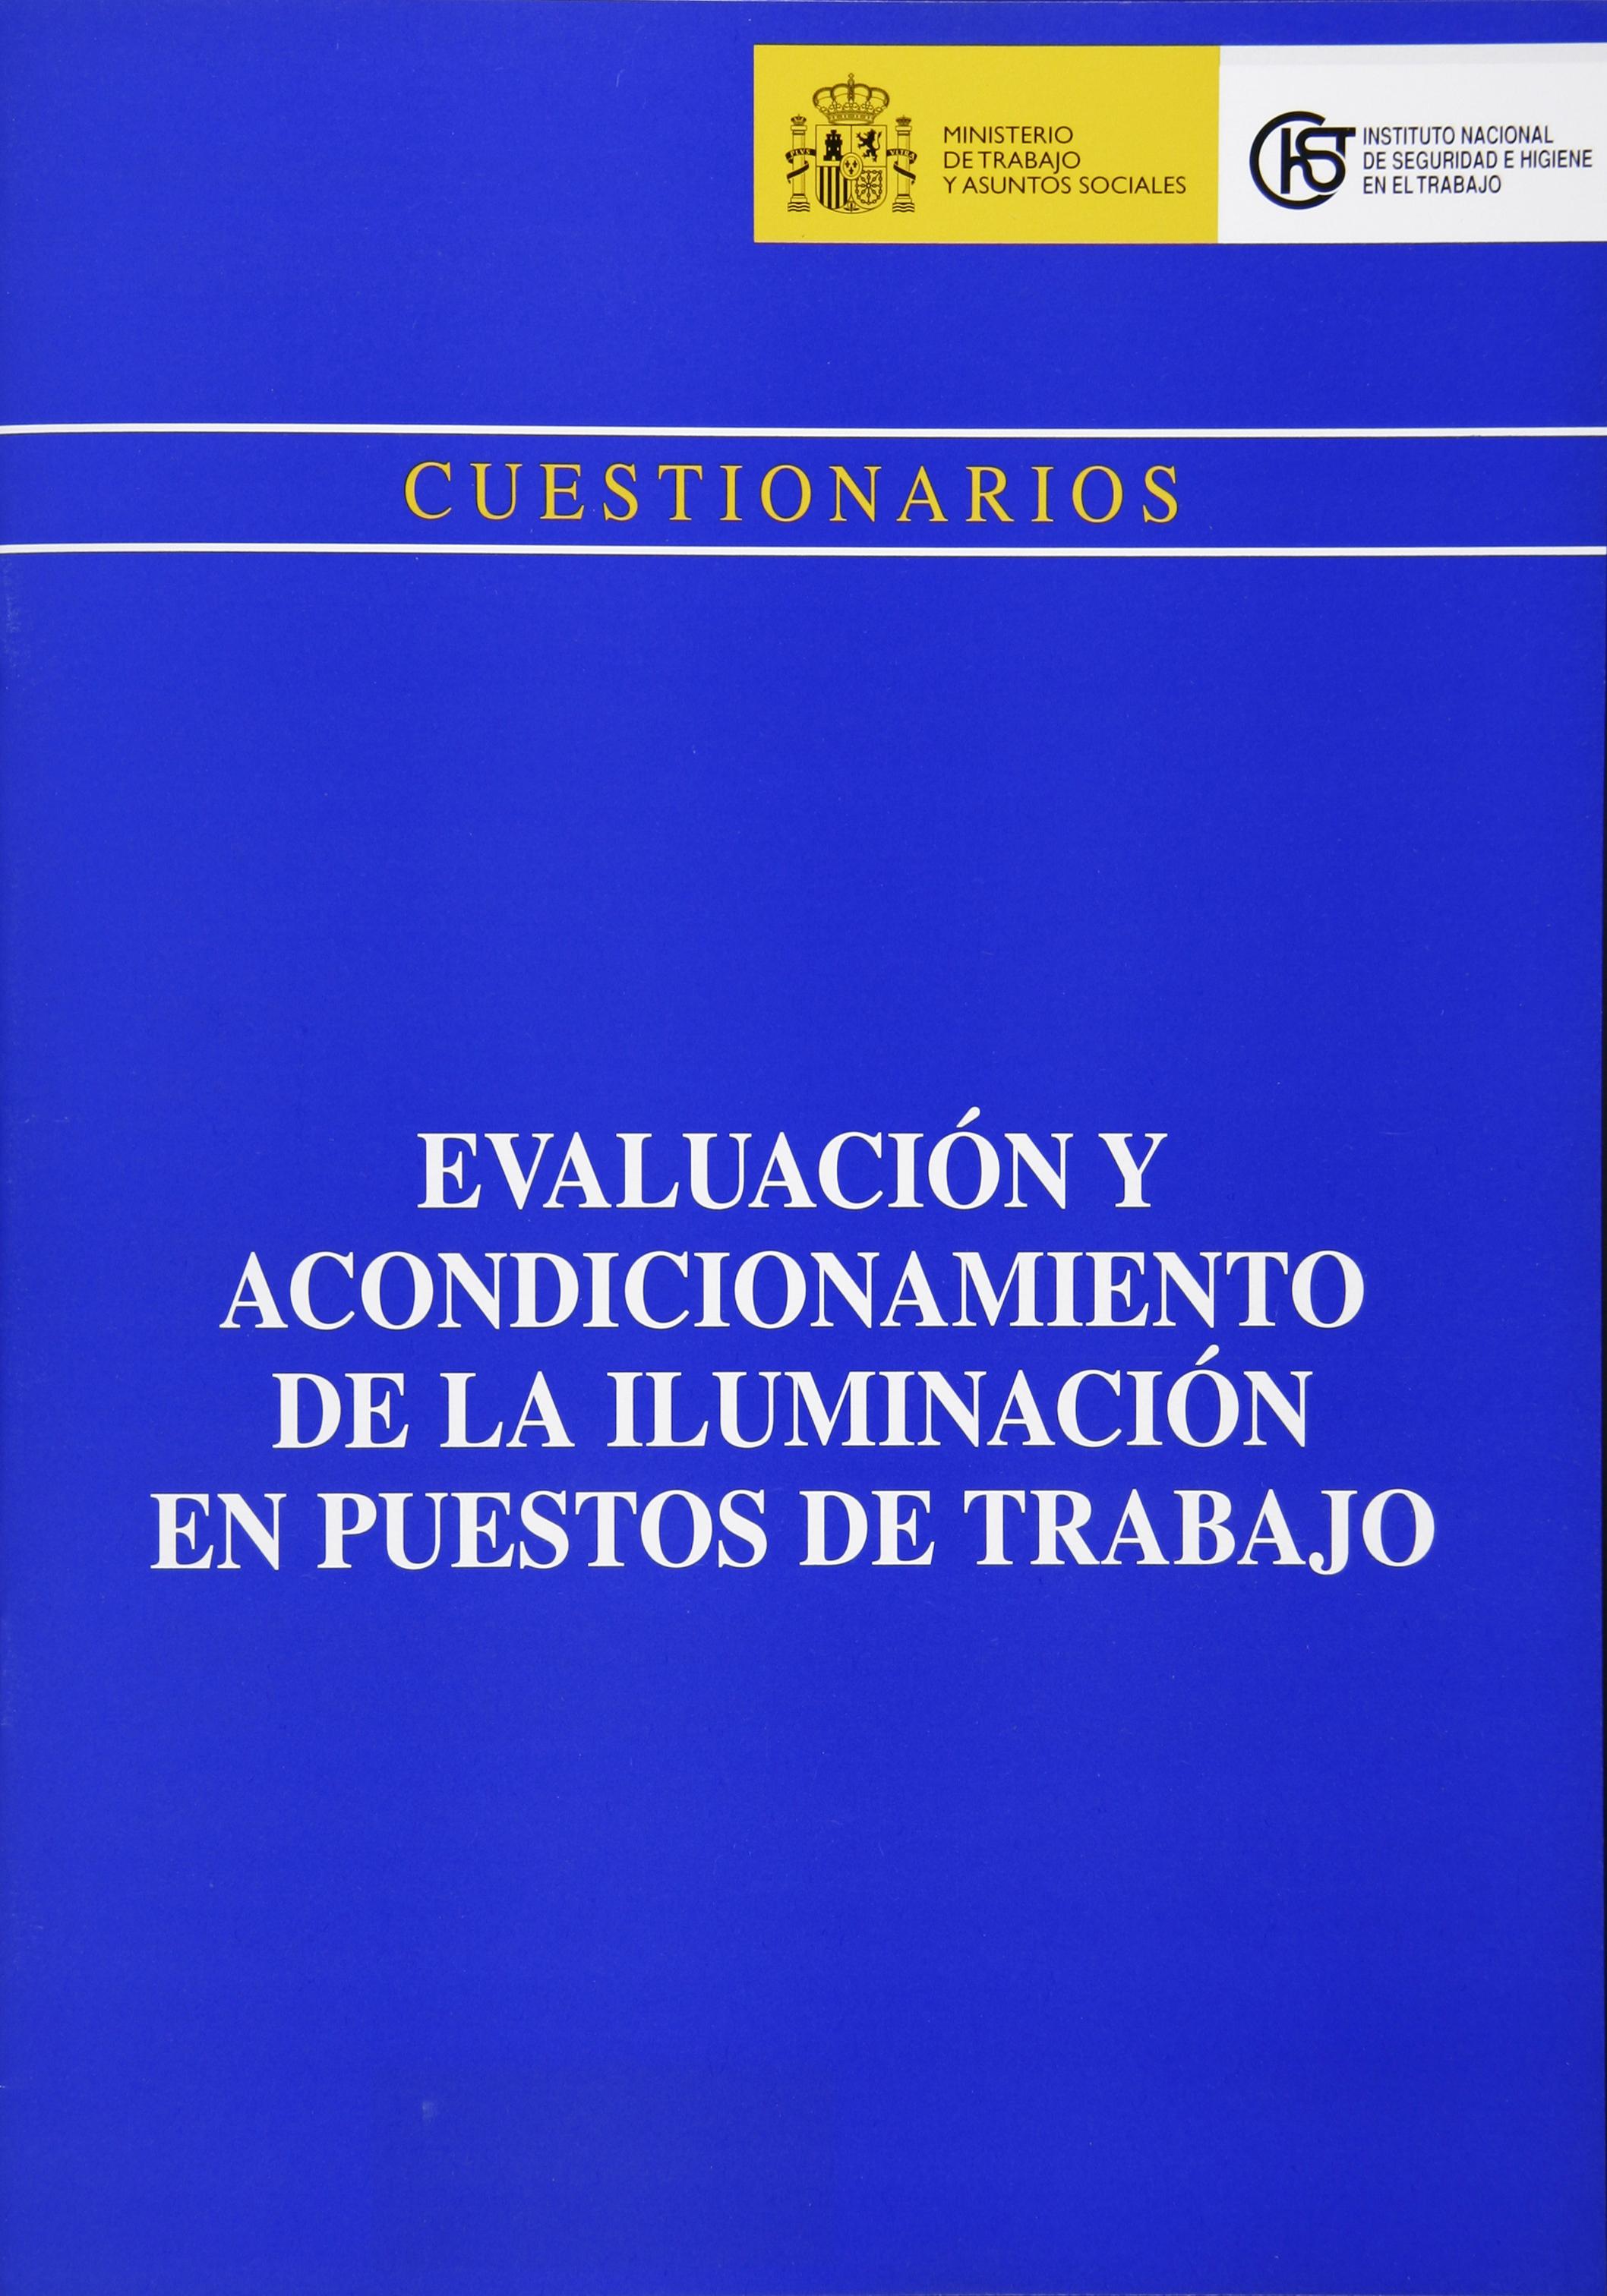 Cuestionario: Evaluación y acondicionamiento de la iluminación en puestos de trabajo - Año 2002